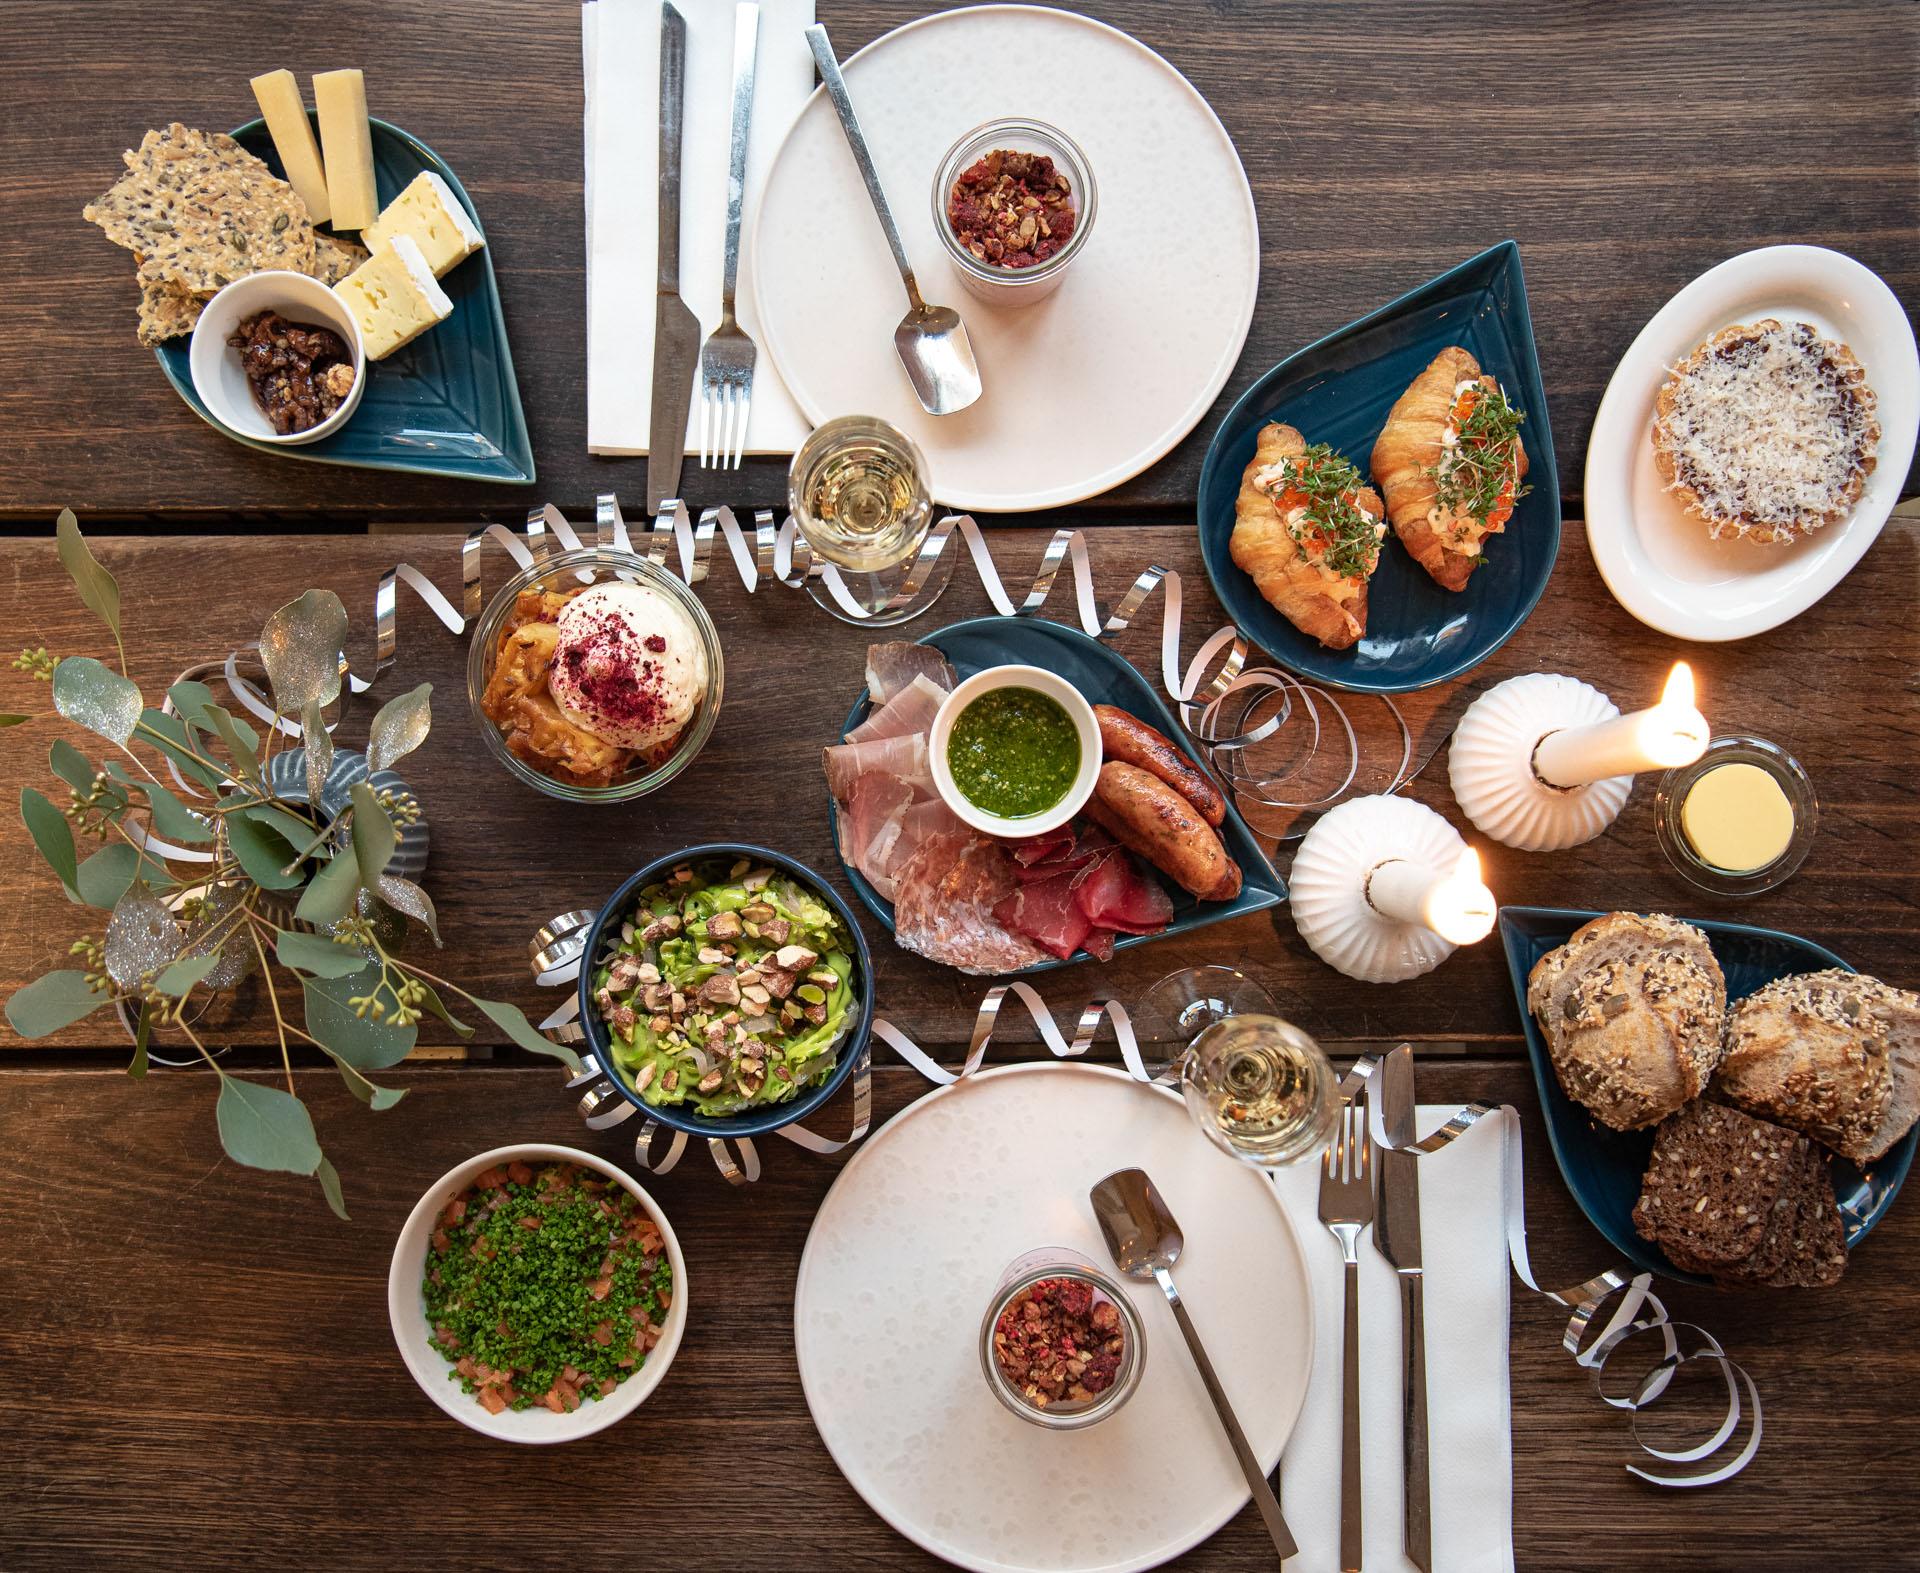 Årets sidste dag: Kom til festlig nytårsbrunch på Spisesalon